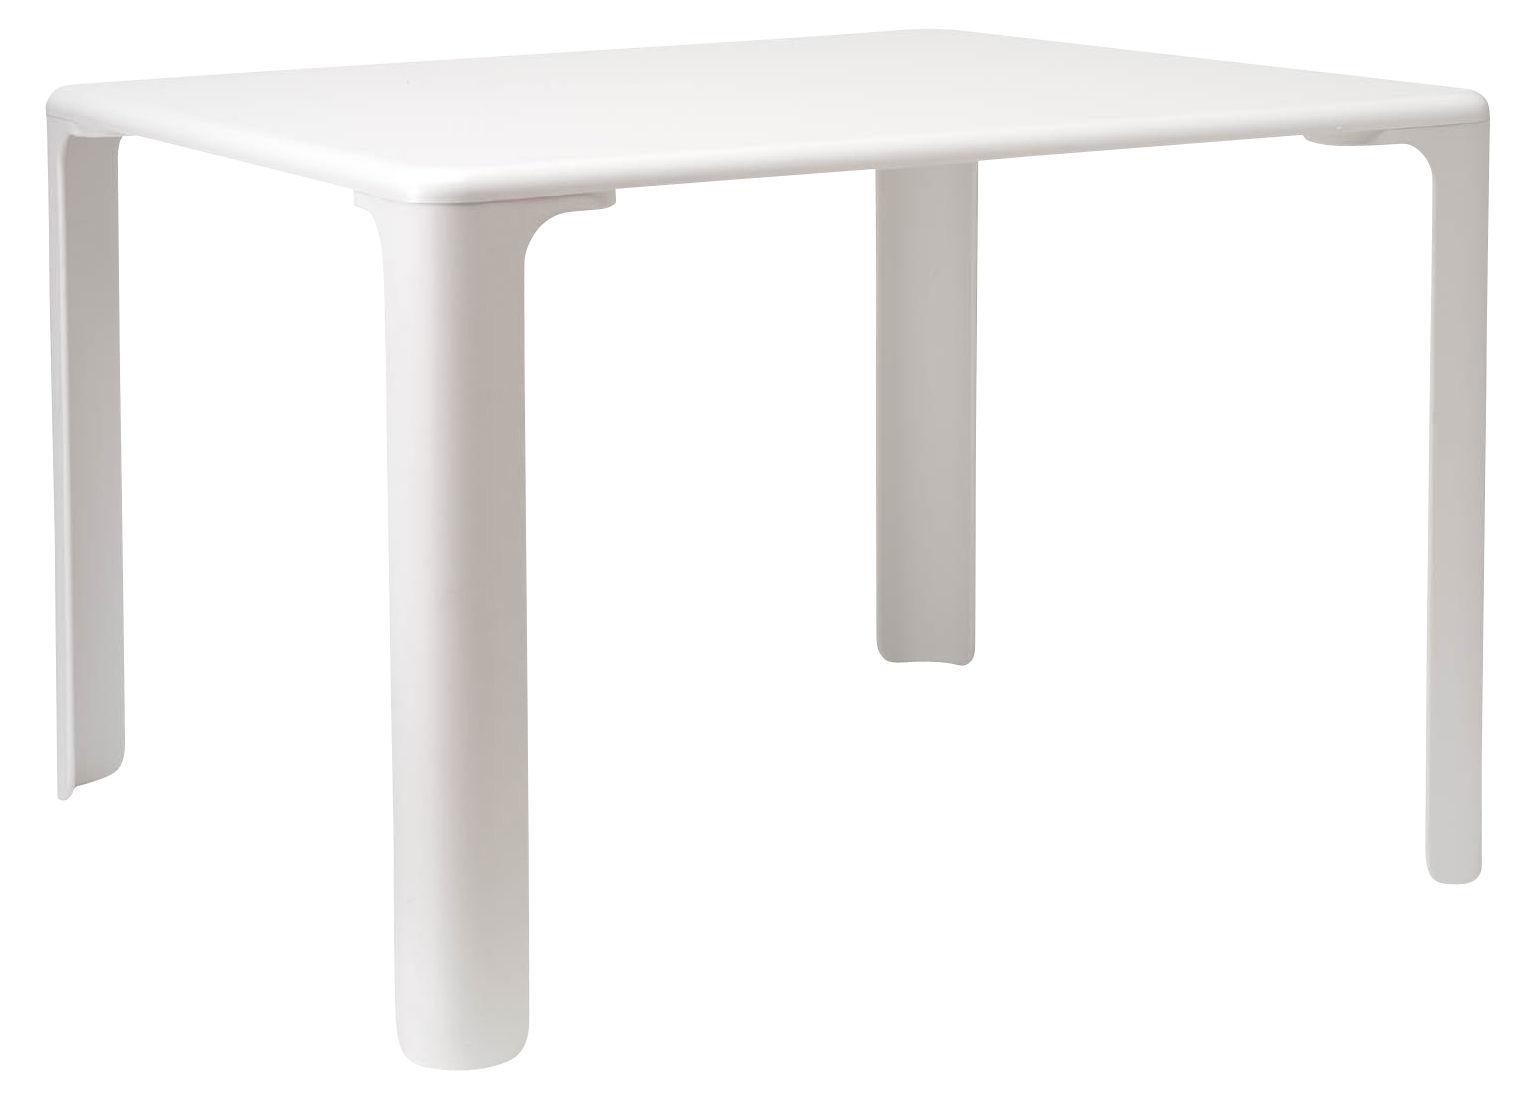 Mobilier - Mobilier Kids - Table enfant Linus 75 cm x 75 cm - Magis Collection Me Too - Blanc - MDF finition polymère, Polypropylène